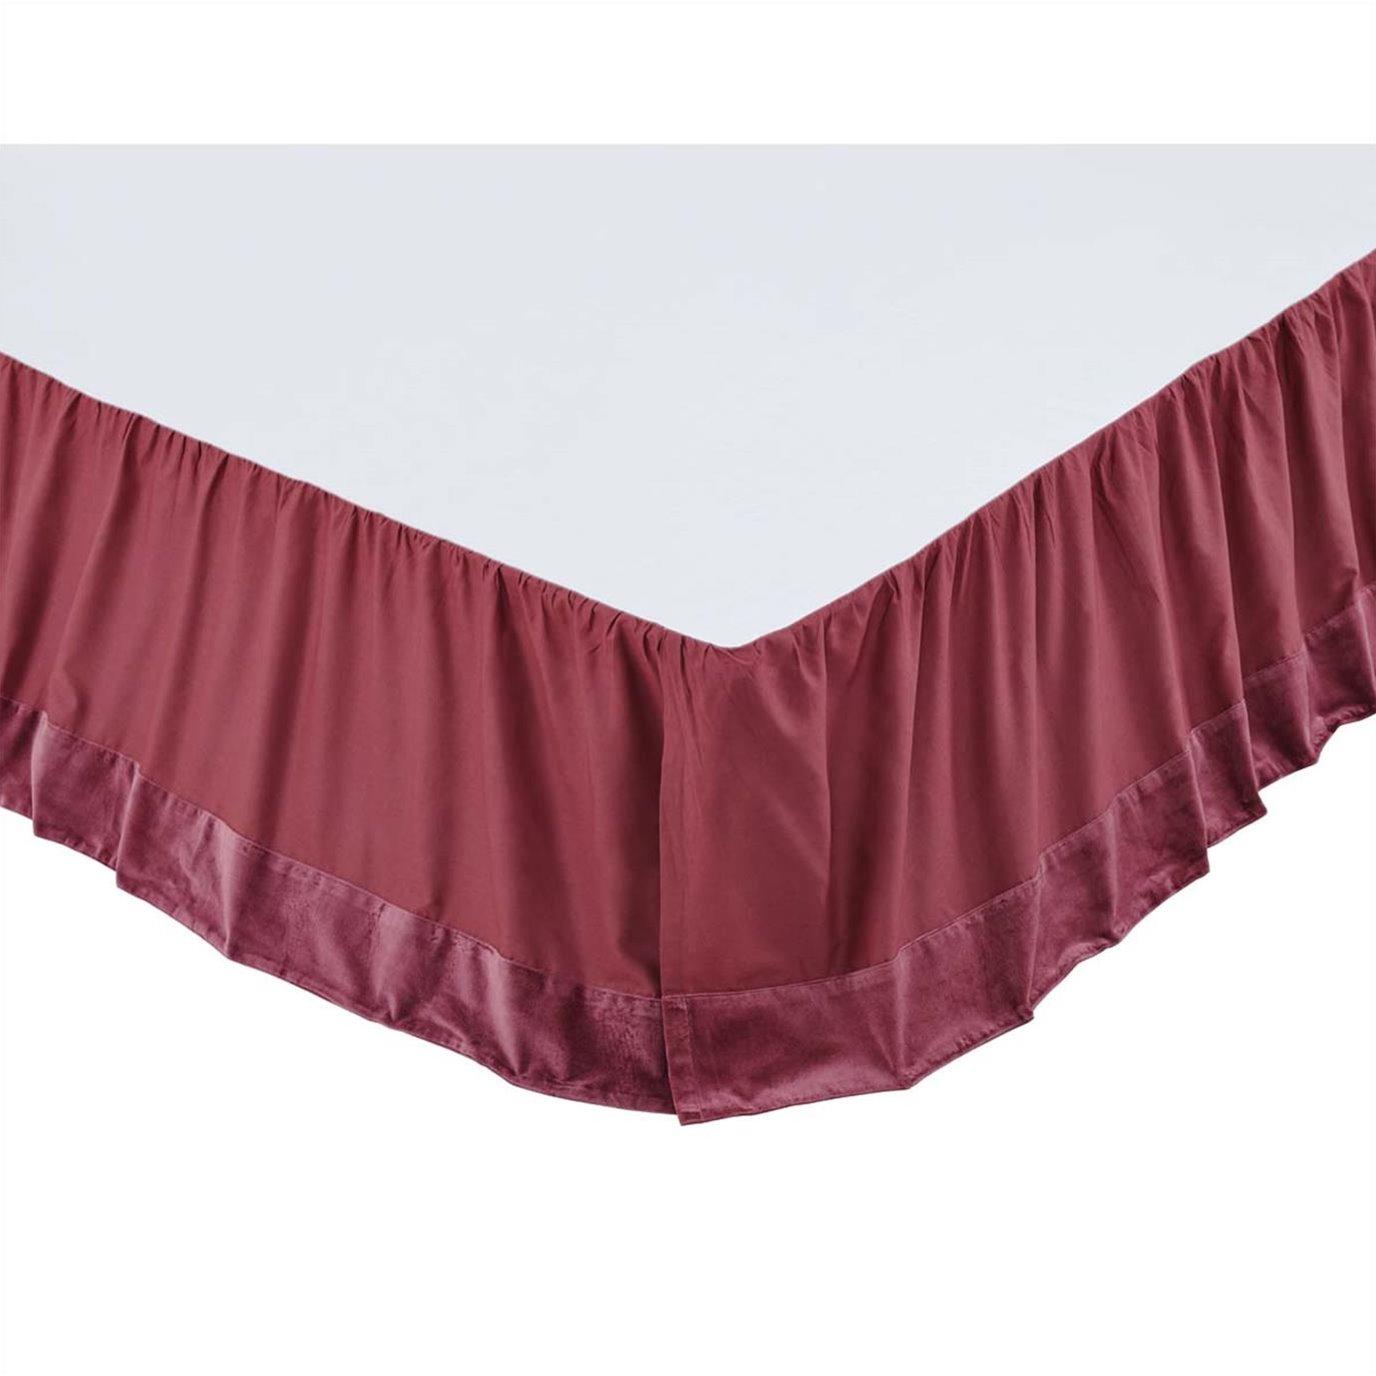 Eleanor Mauve Queen Bed Skirt 60x80x16